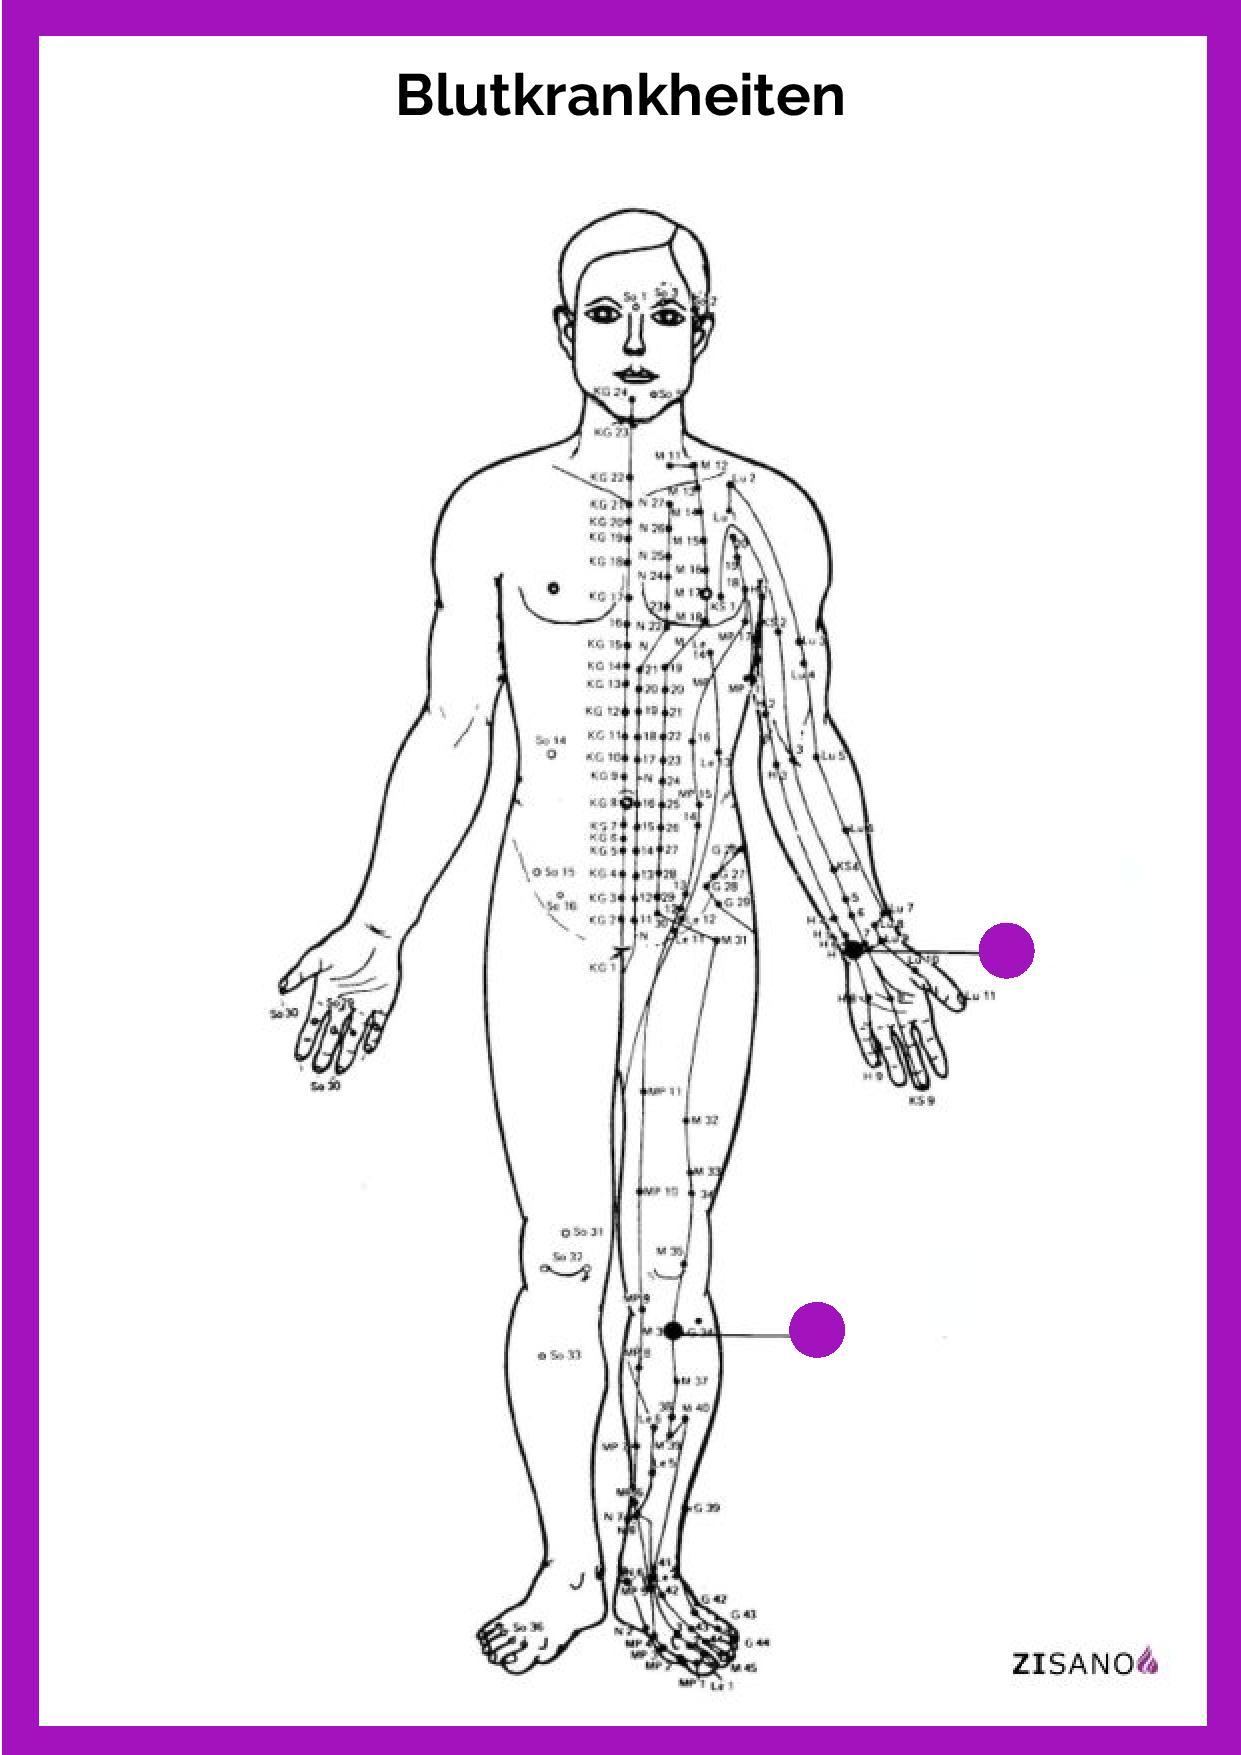 Meridiane - Blutkrankheiten - Behandlung